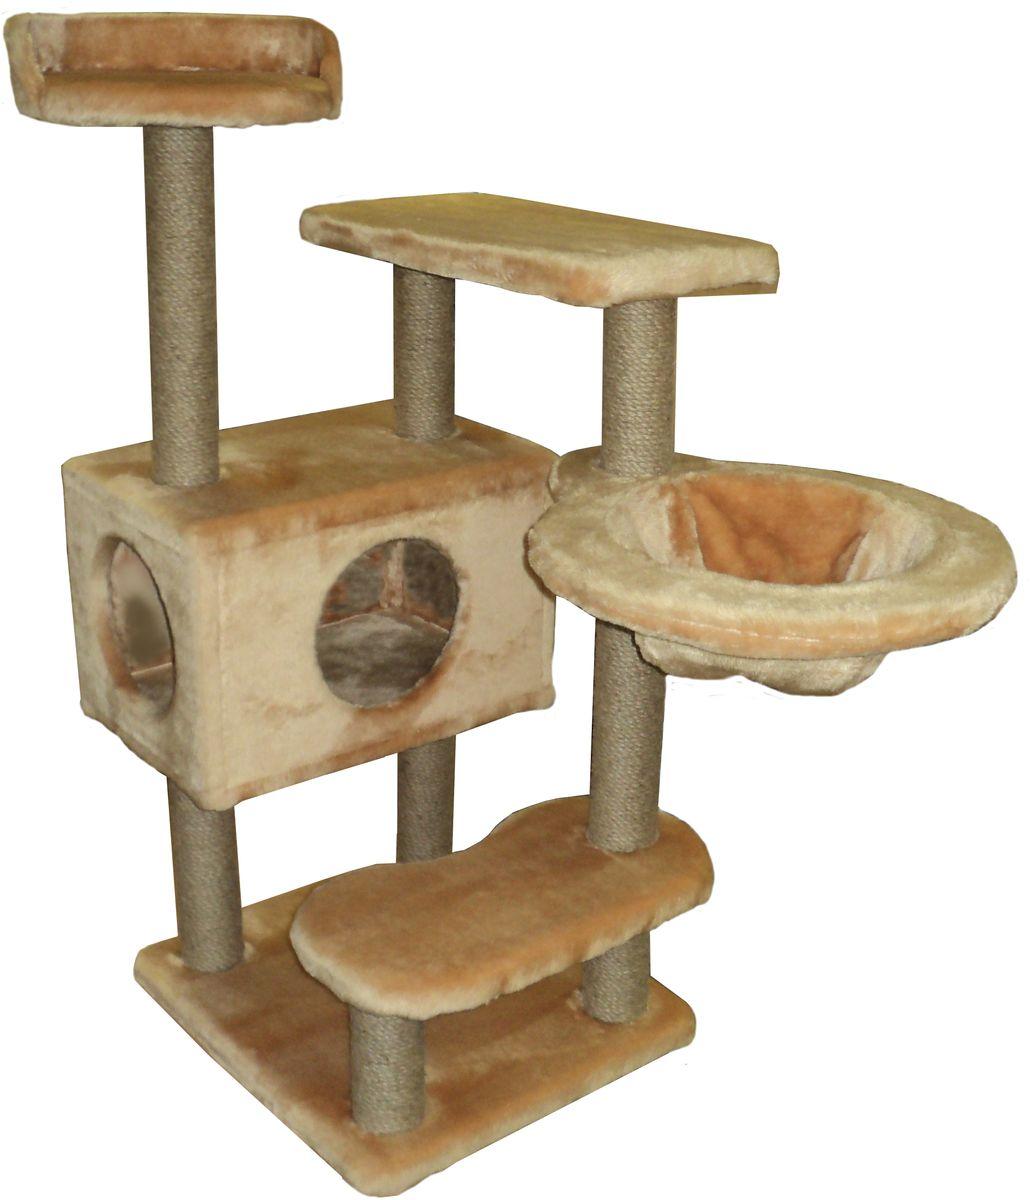 Игровой комплекс для кошек ЛапкинДом Барсик, с домиком, гамаком и когтеточкой, цвет: кремовый, 60 х 60 х 110 см22376Игровой комплекс для кошек ЛапкинДом Барсик выполнен из высококачественного ДСП и обтянут искусственным мехом. Все горизонтальные полки под мехом, для большего комфорта питомца, проложены поролоном. Гамак выполнен из высококачественной толстостенной фанеры и выдерживает значительные нагрузки. Размер: 60 х 60 х 110 см